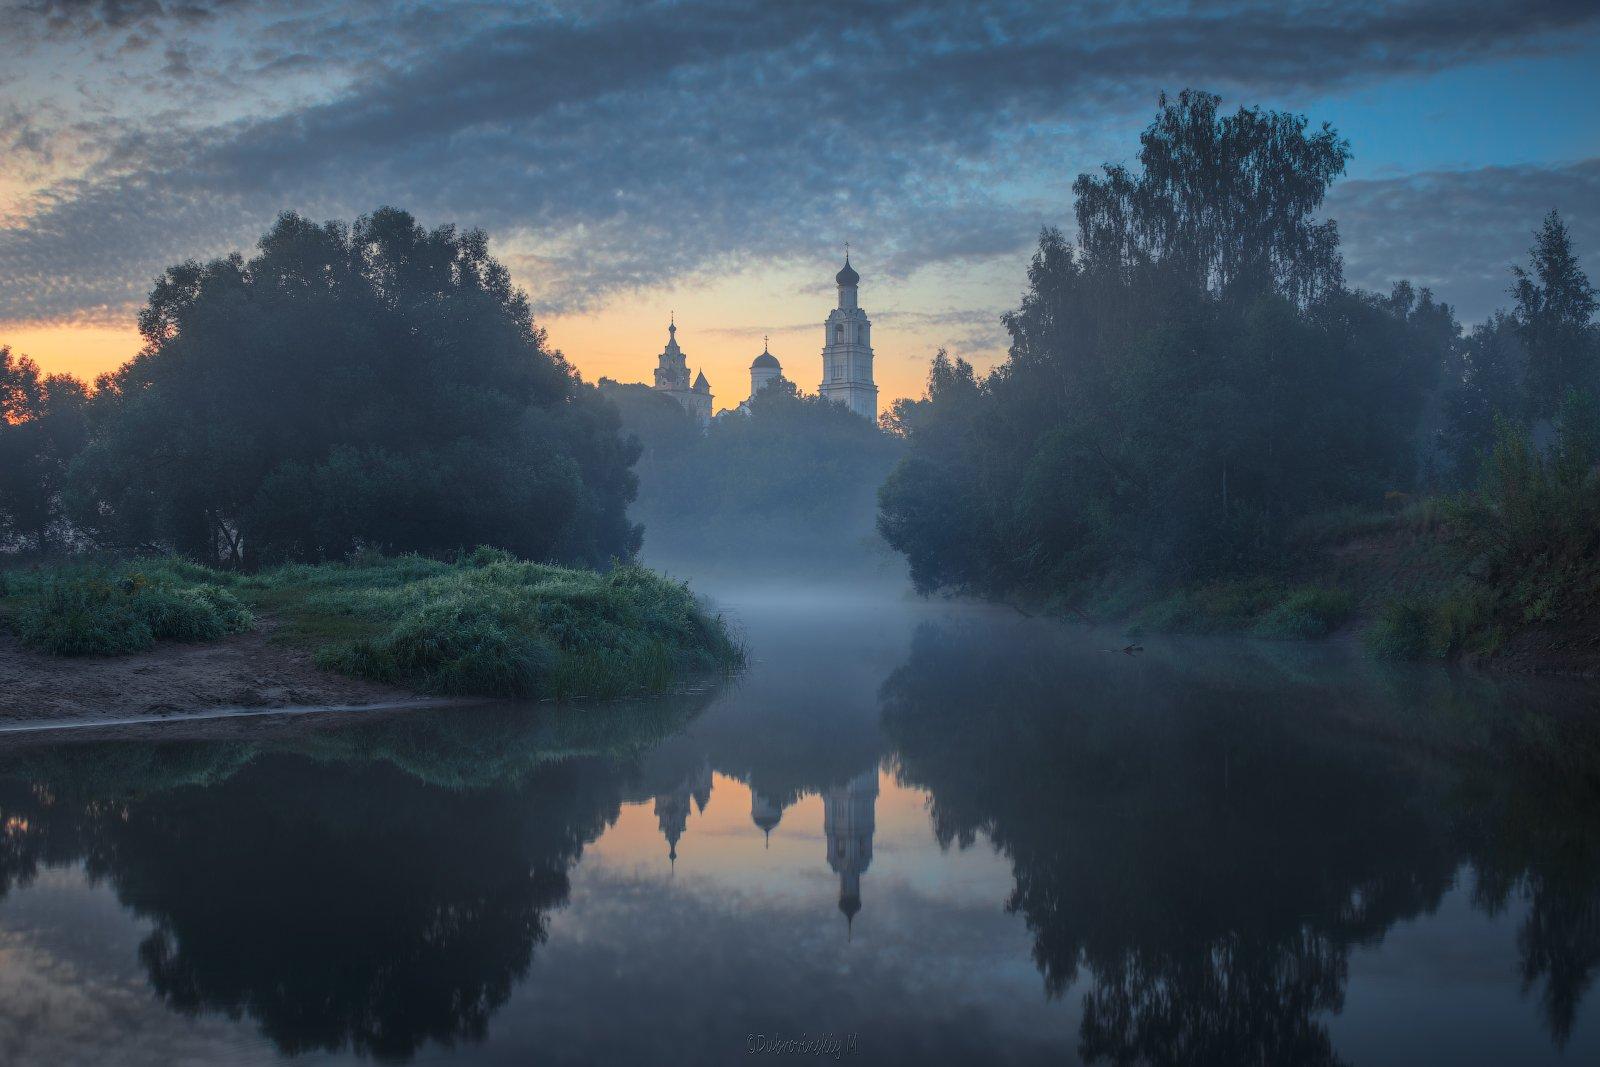 киржач, река, туман, храм, рассвет, владимирская область, Дубровинский Михаил